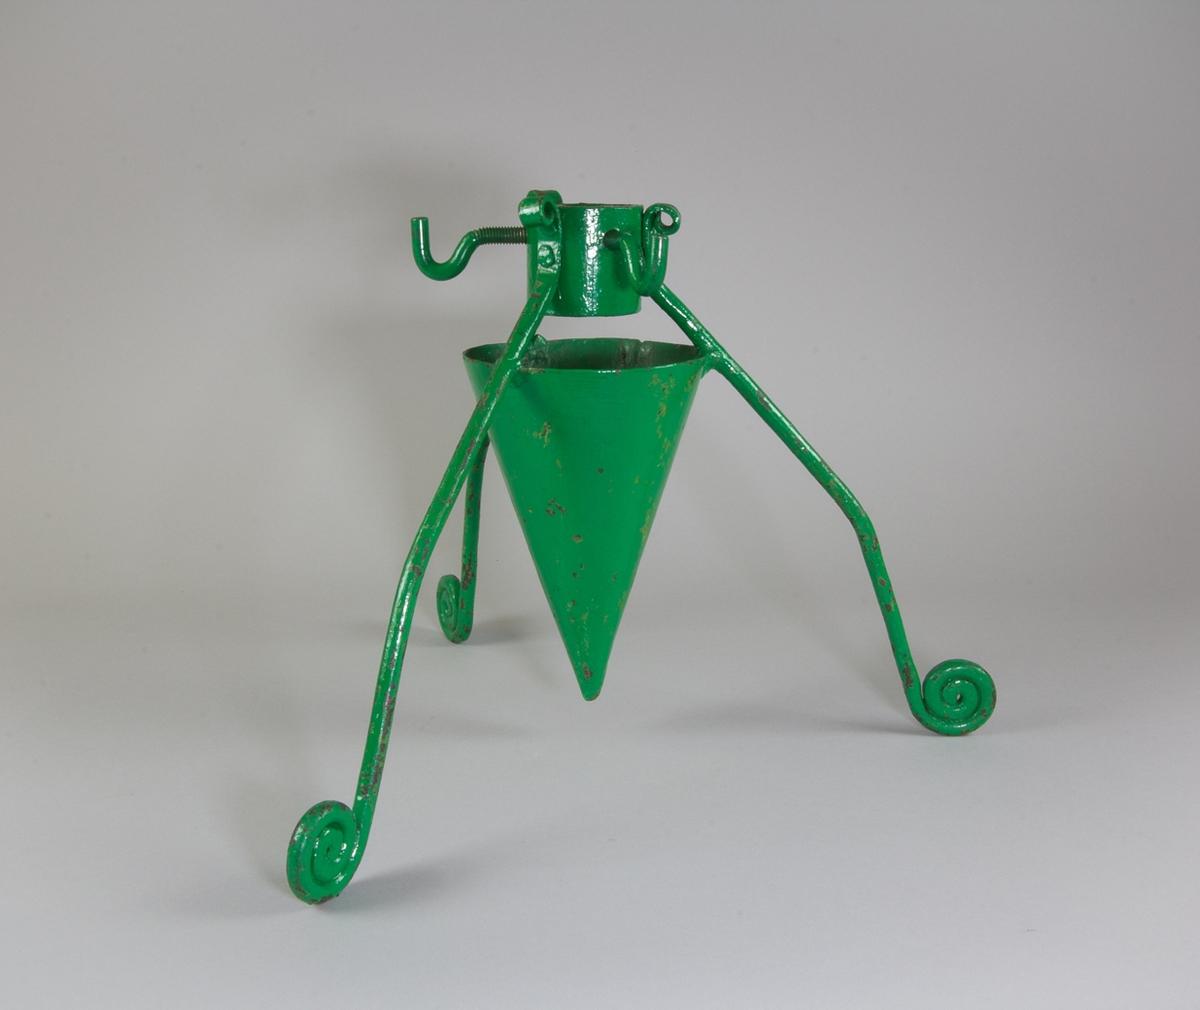 Julgransfot i grönmålad metall. Tre ben bestående av dekorativt böjda bandjärn. Konformad vattenbehållare i plåt, ring och skruvar med krokformade huvuden för fästande av granen.